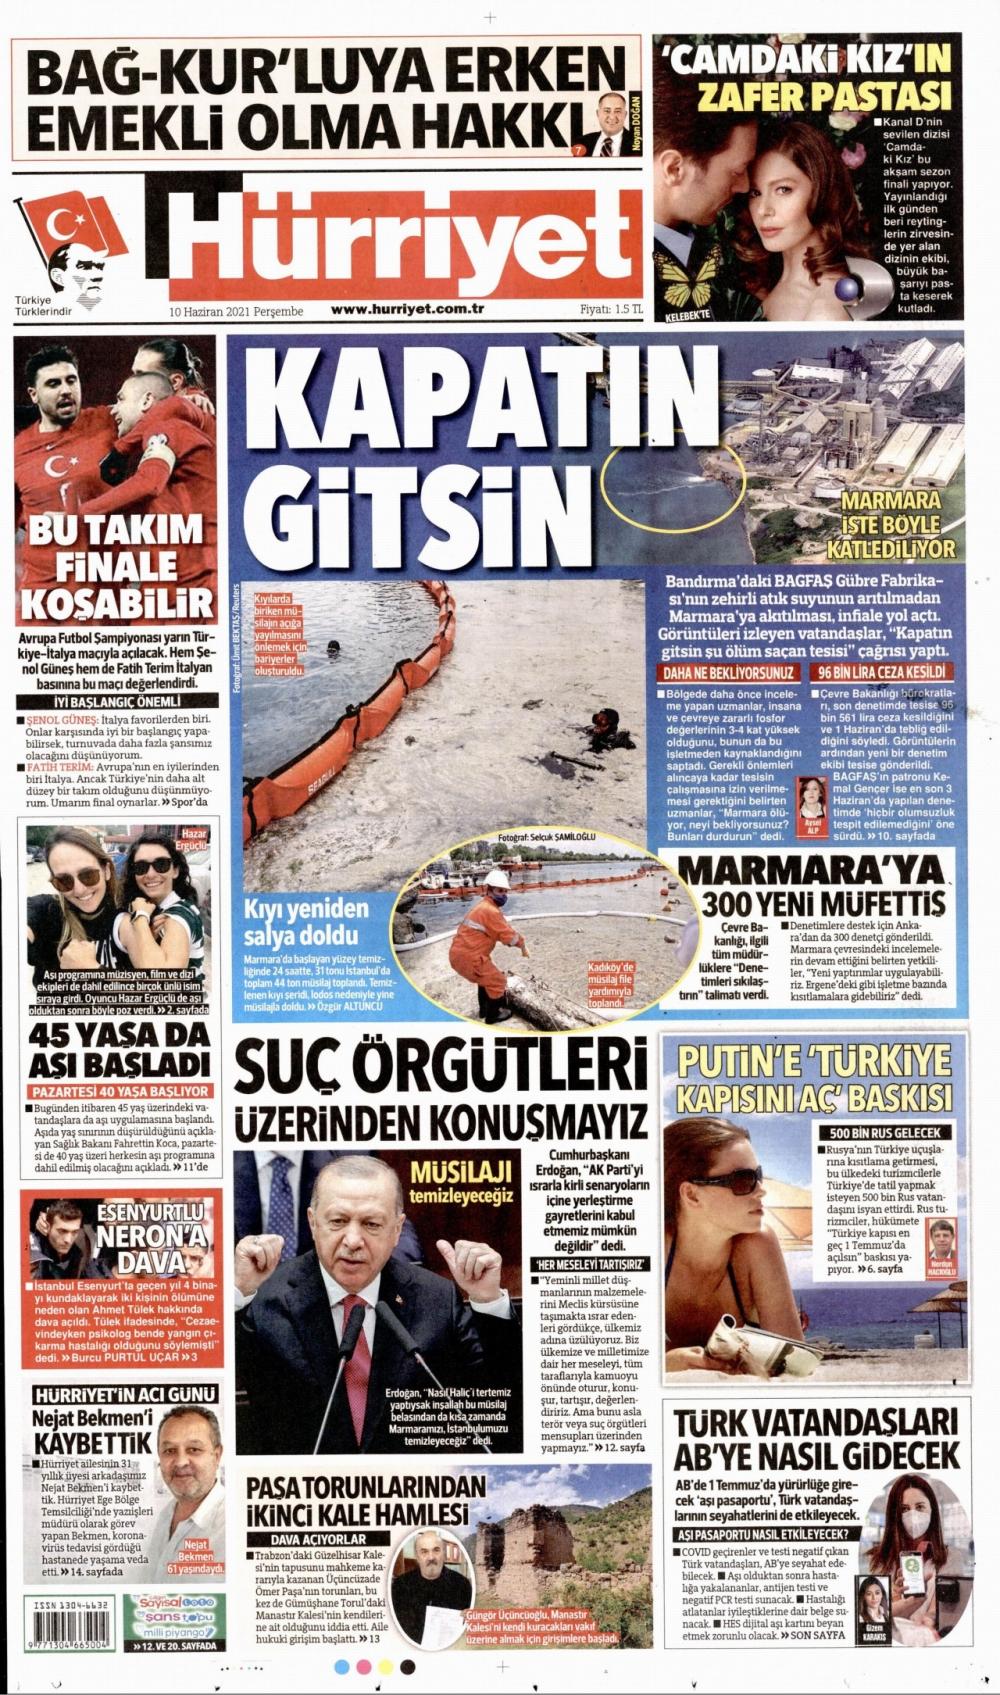 Günün Gazete Manşetleri 10 Haziran 2021 Gazeteler Ne Diyor? 1